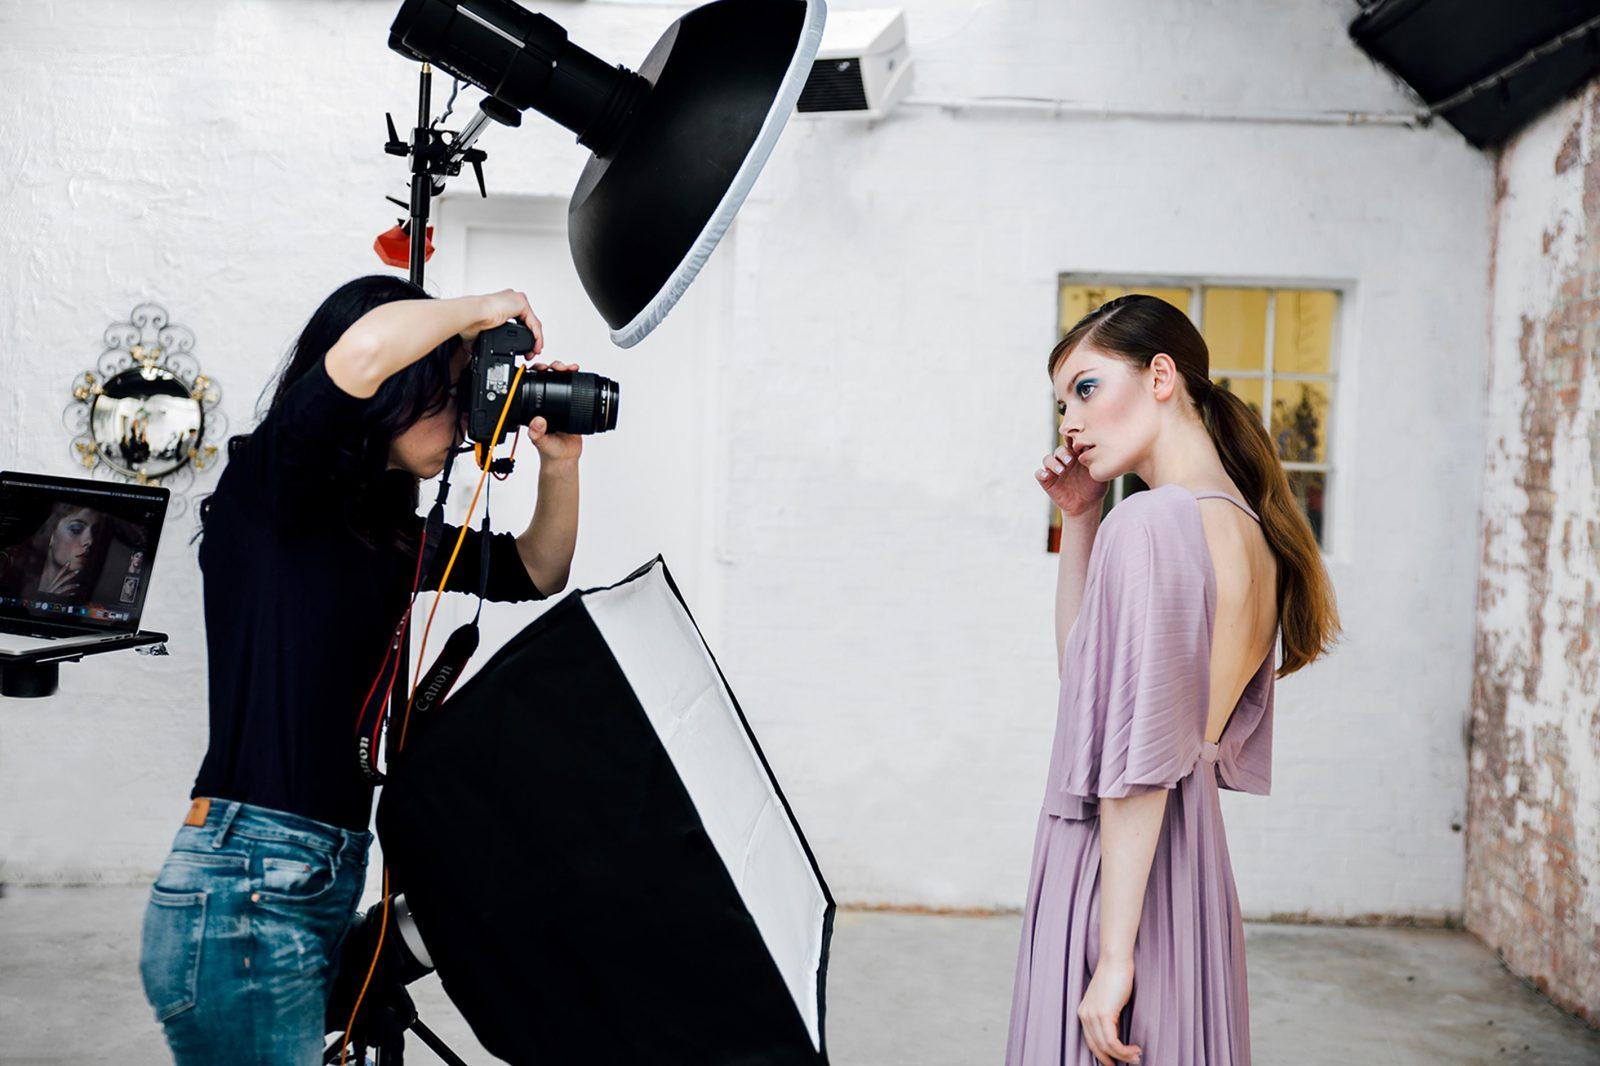 того, категорически фотографы работающие со звездами девушки женщины буквальном